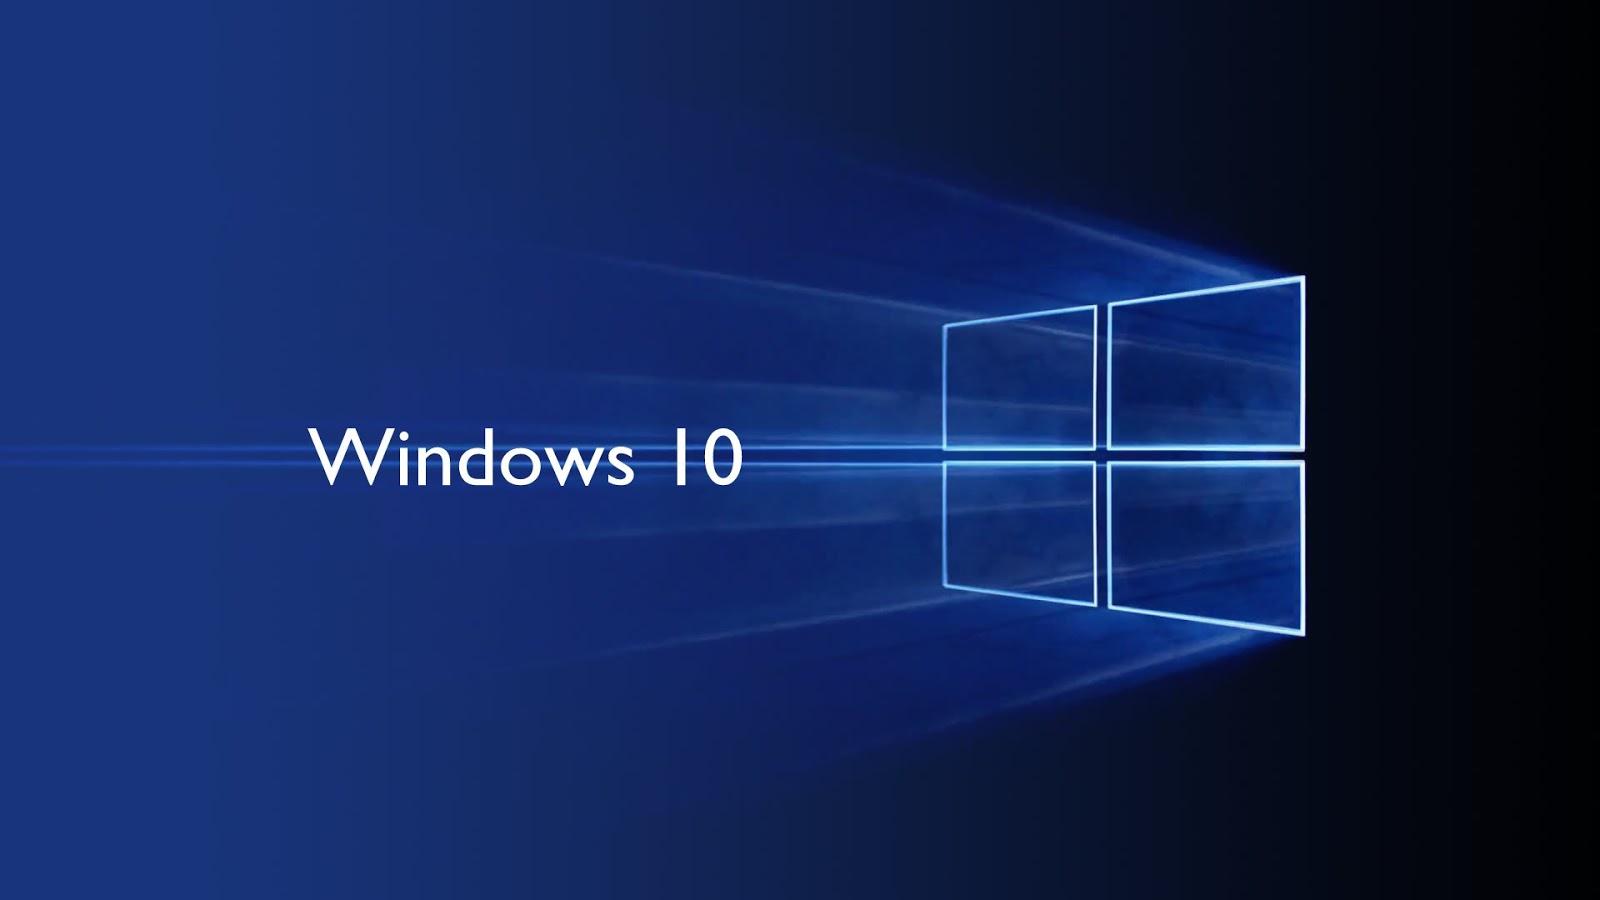 Windows 10da Arka Plan Resmini Değiştirme